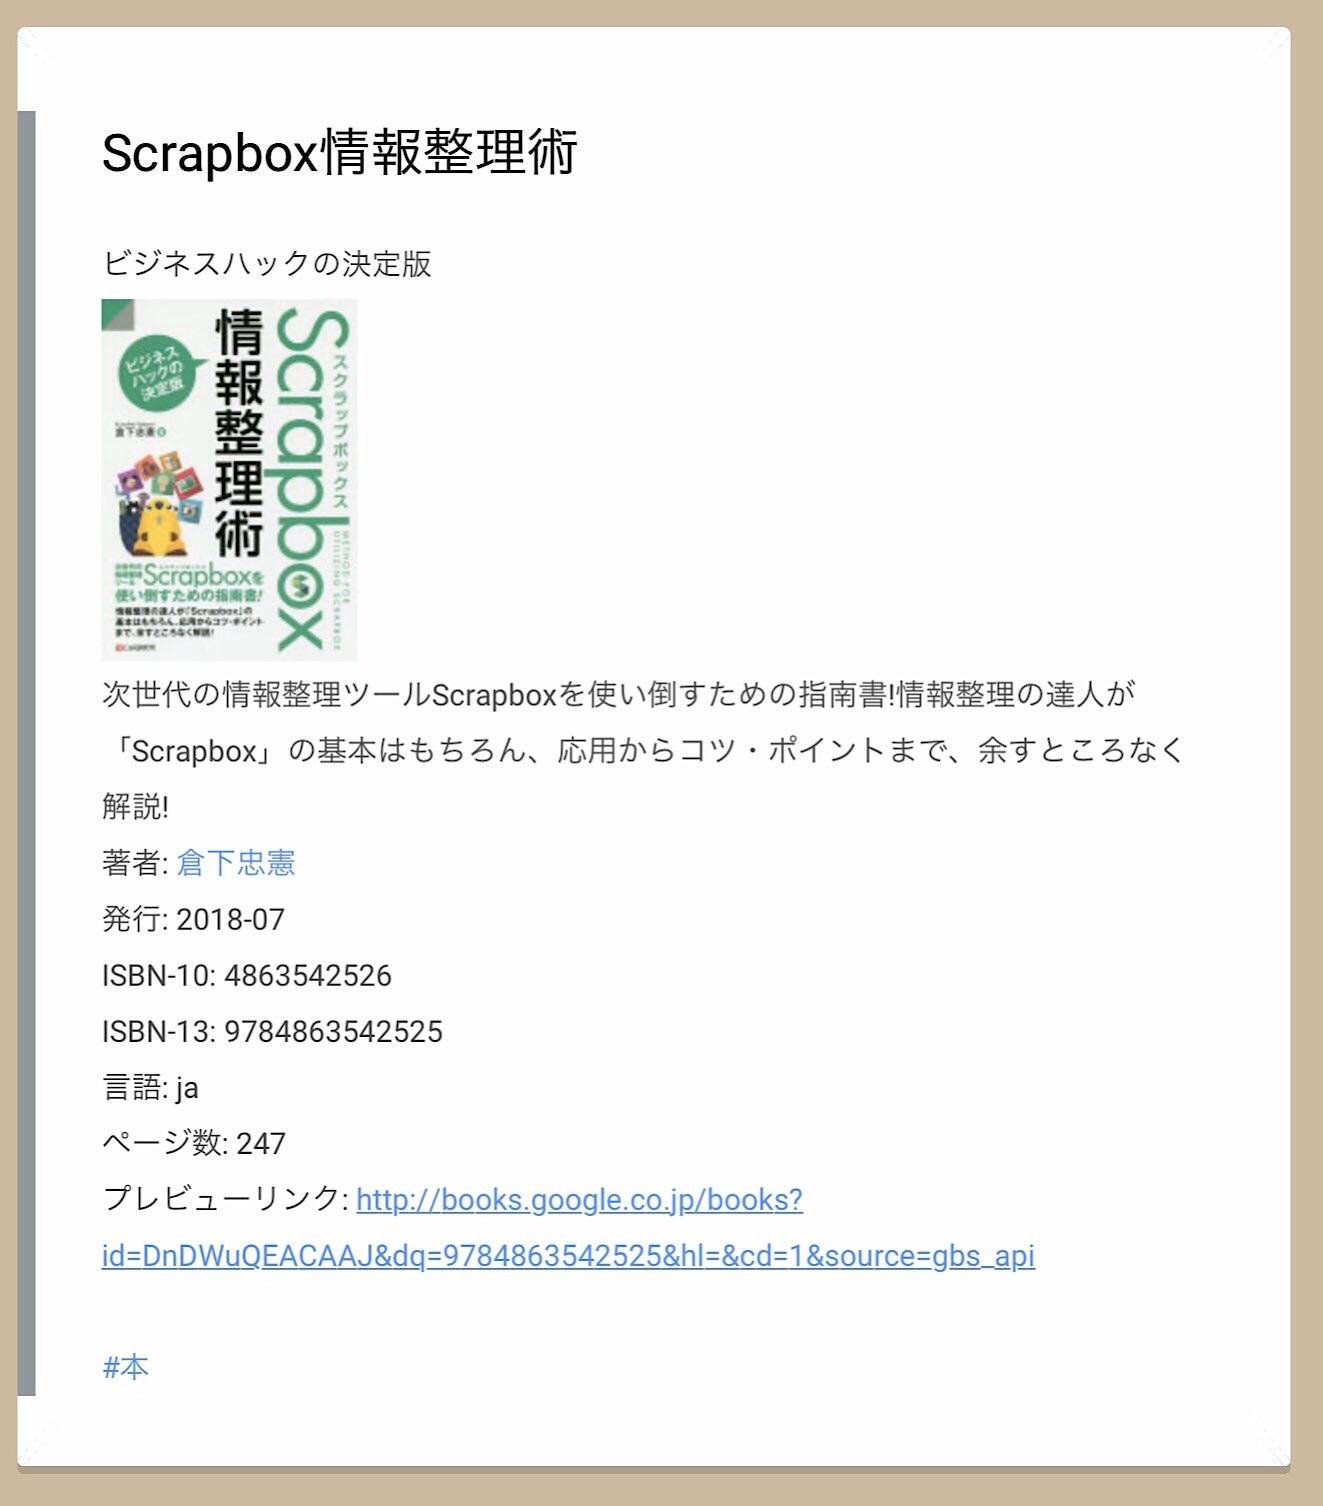 f:id:sorashima:20191127210102j:image:w549